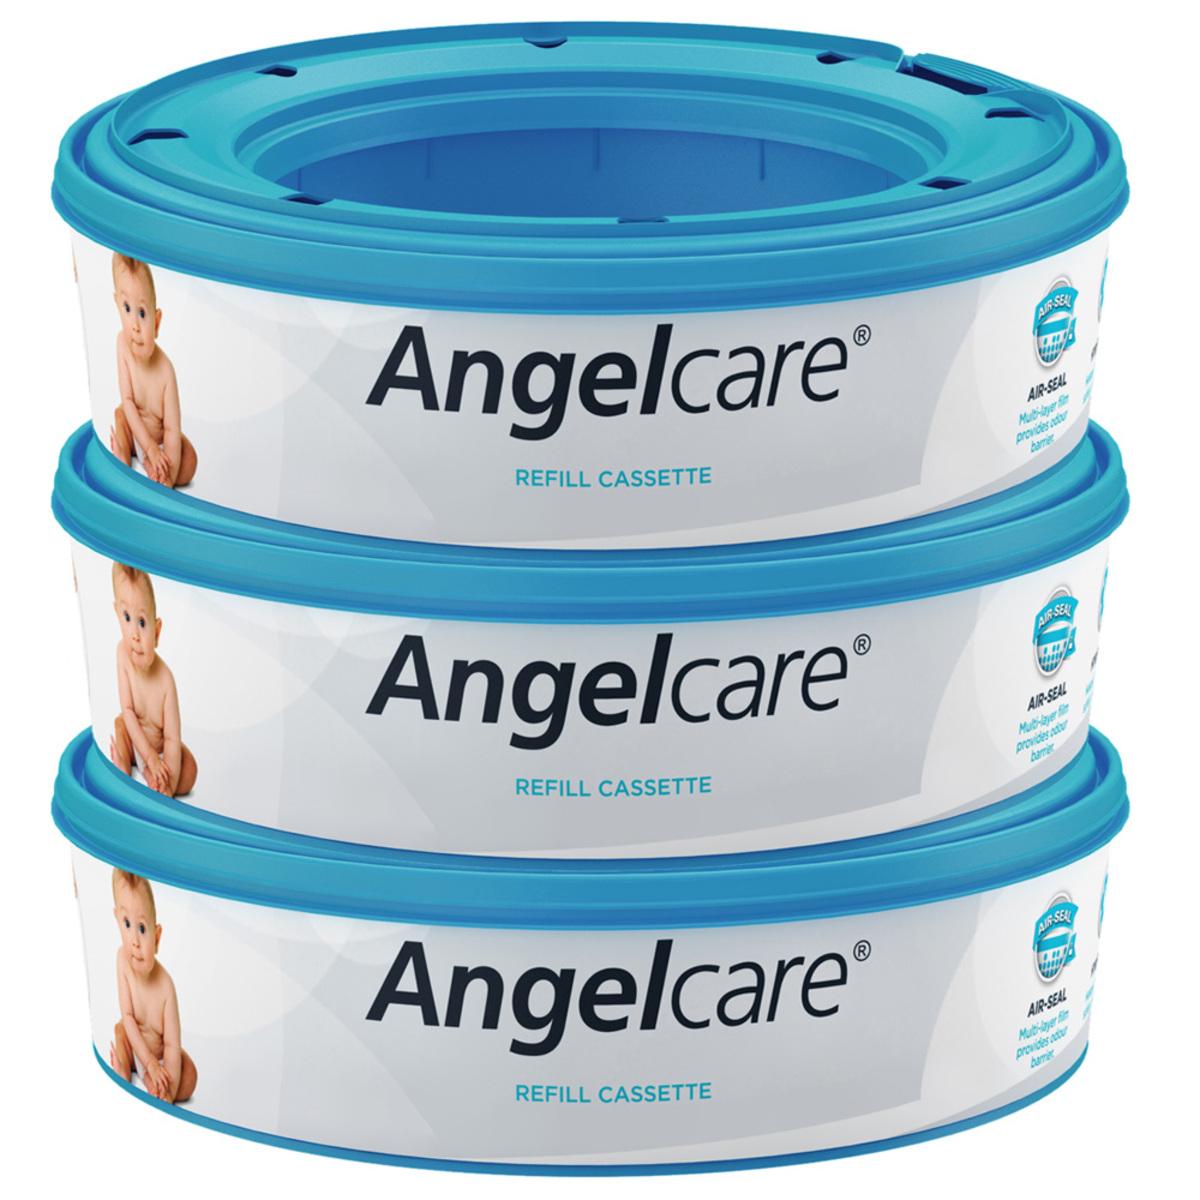 Couche Lot de 3 Recharges pour Poubelle Angelcare Lot de 3 Recharges pour Poubelle Angelcare